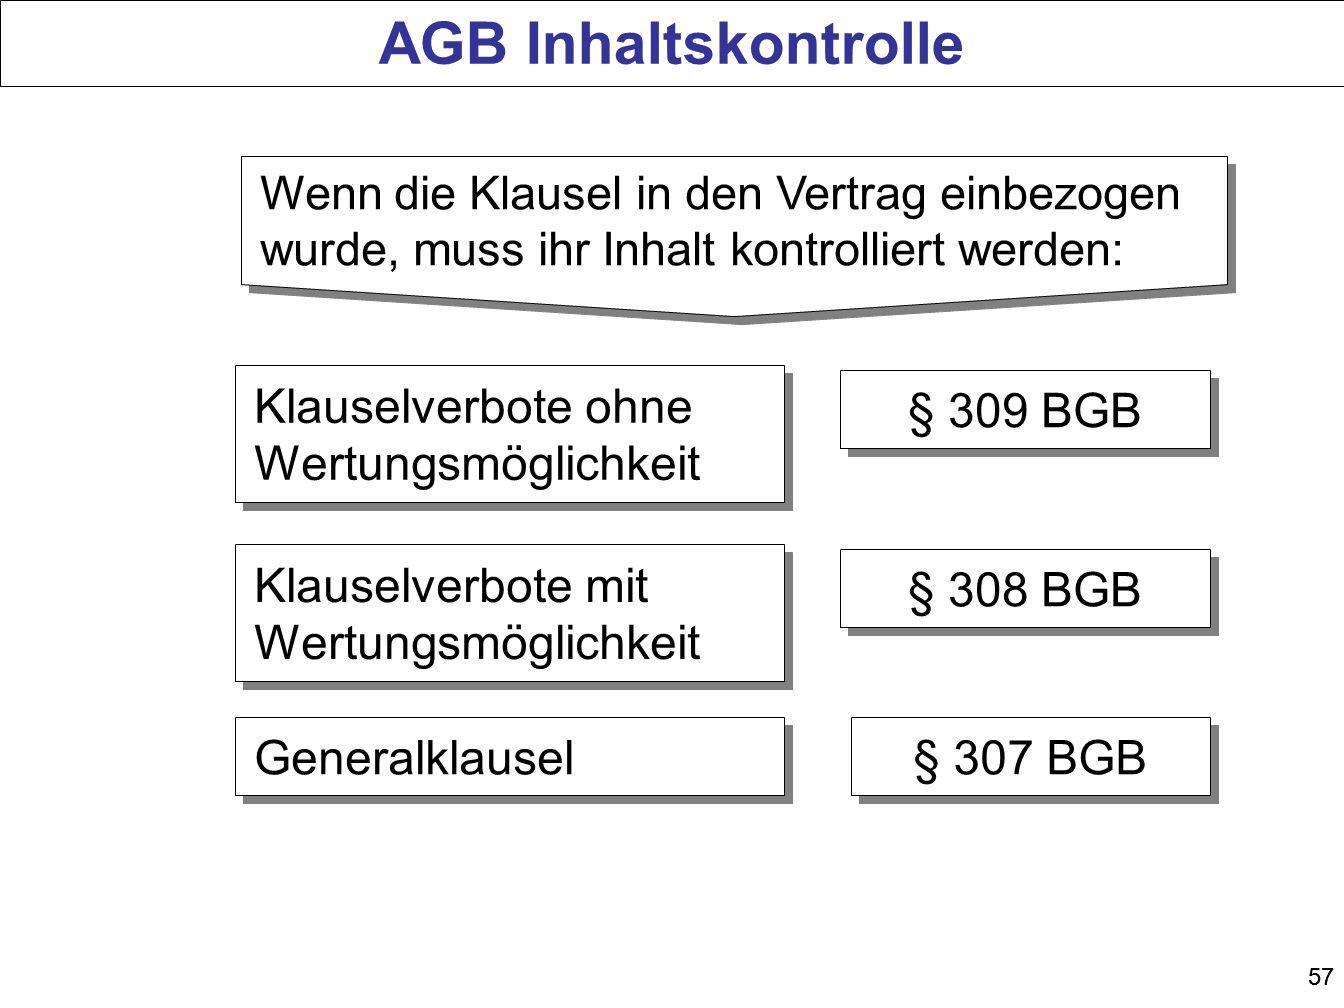 57 AGB Inhaltskontrolle Klauselverbote ohne Wertungsmöglichkeit § 309 BGB Generalklausel § 307 BGB Klauselverbote mit Wertungsmöglichkeit § 308 BGB We